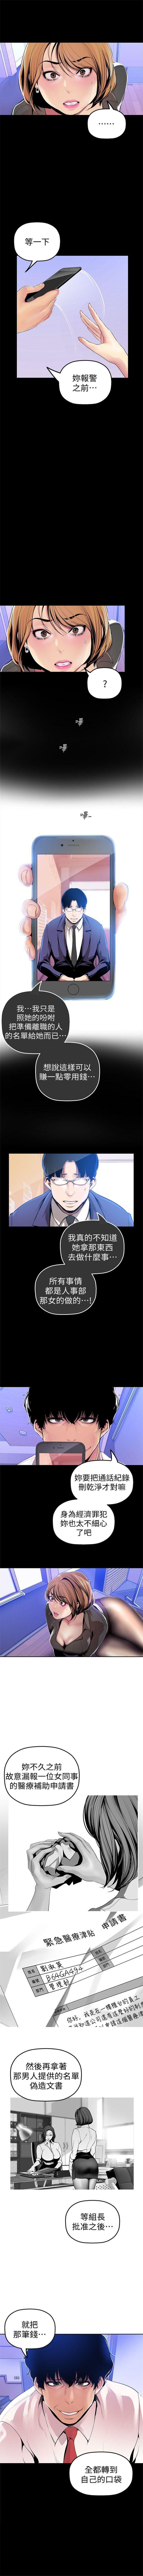 美麗新世界 1-85 官方中文(連載中) 298